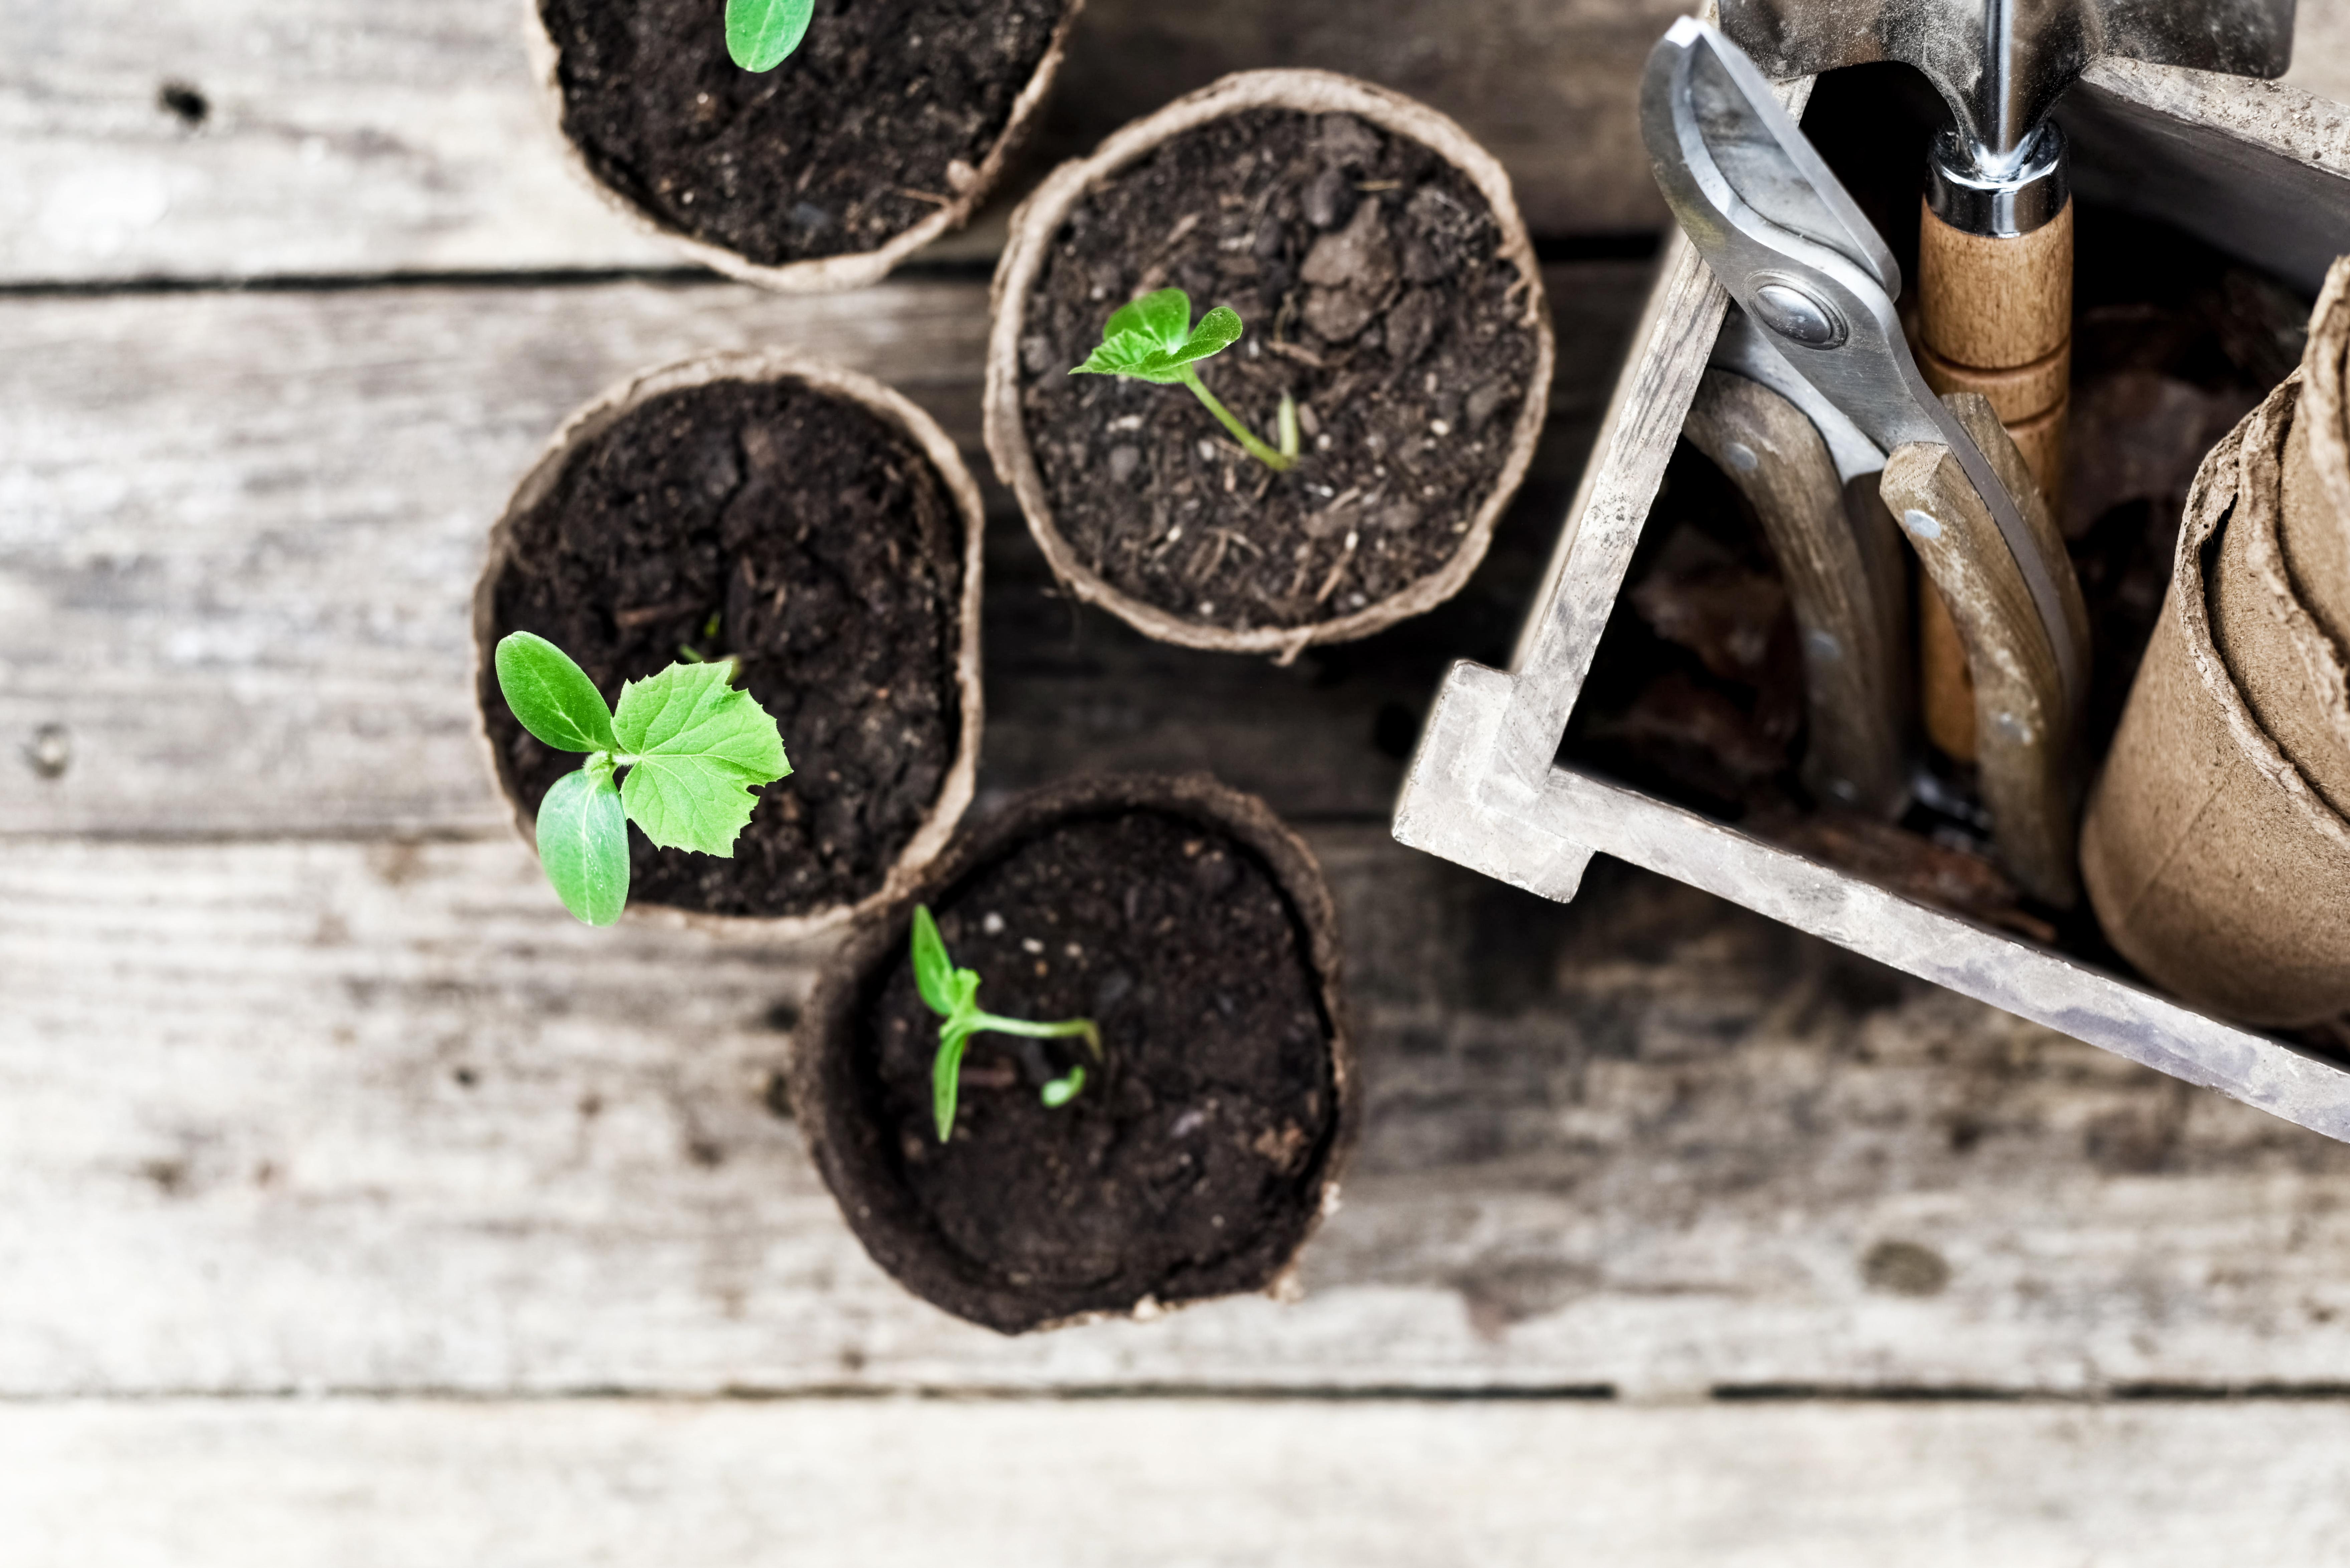 Seedlings in jiffy pots